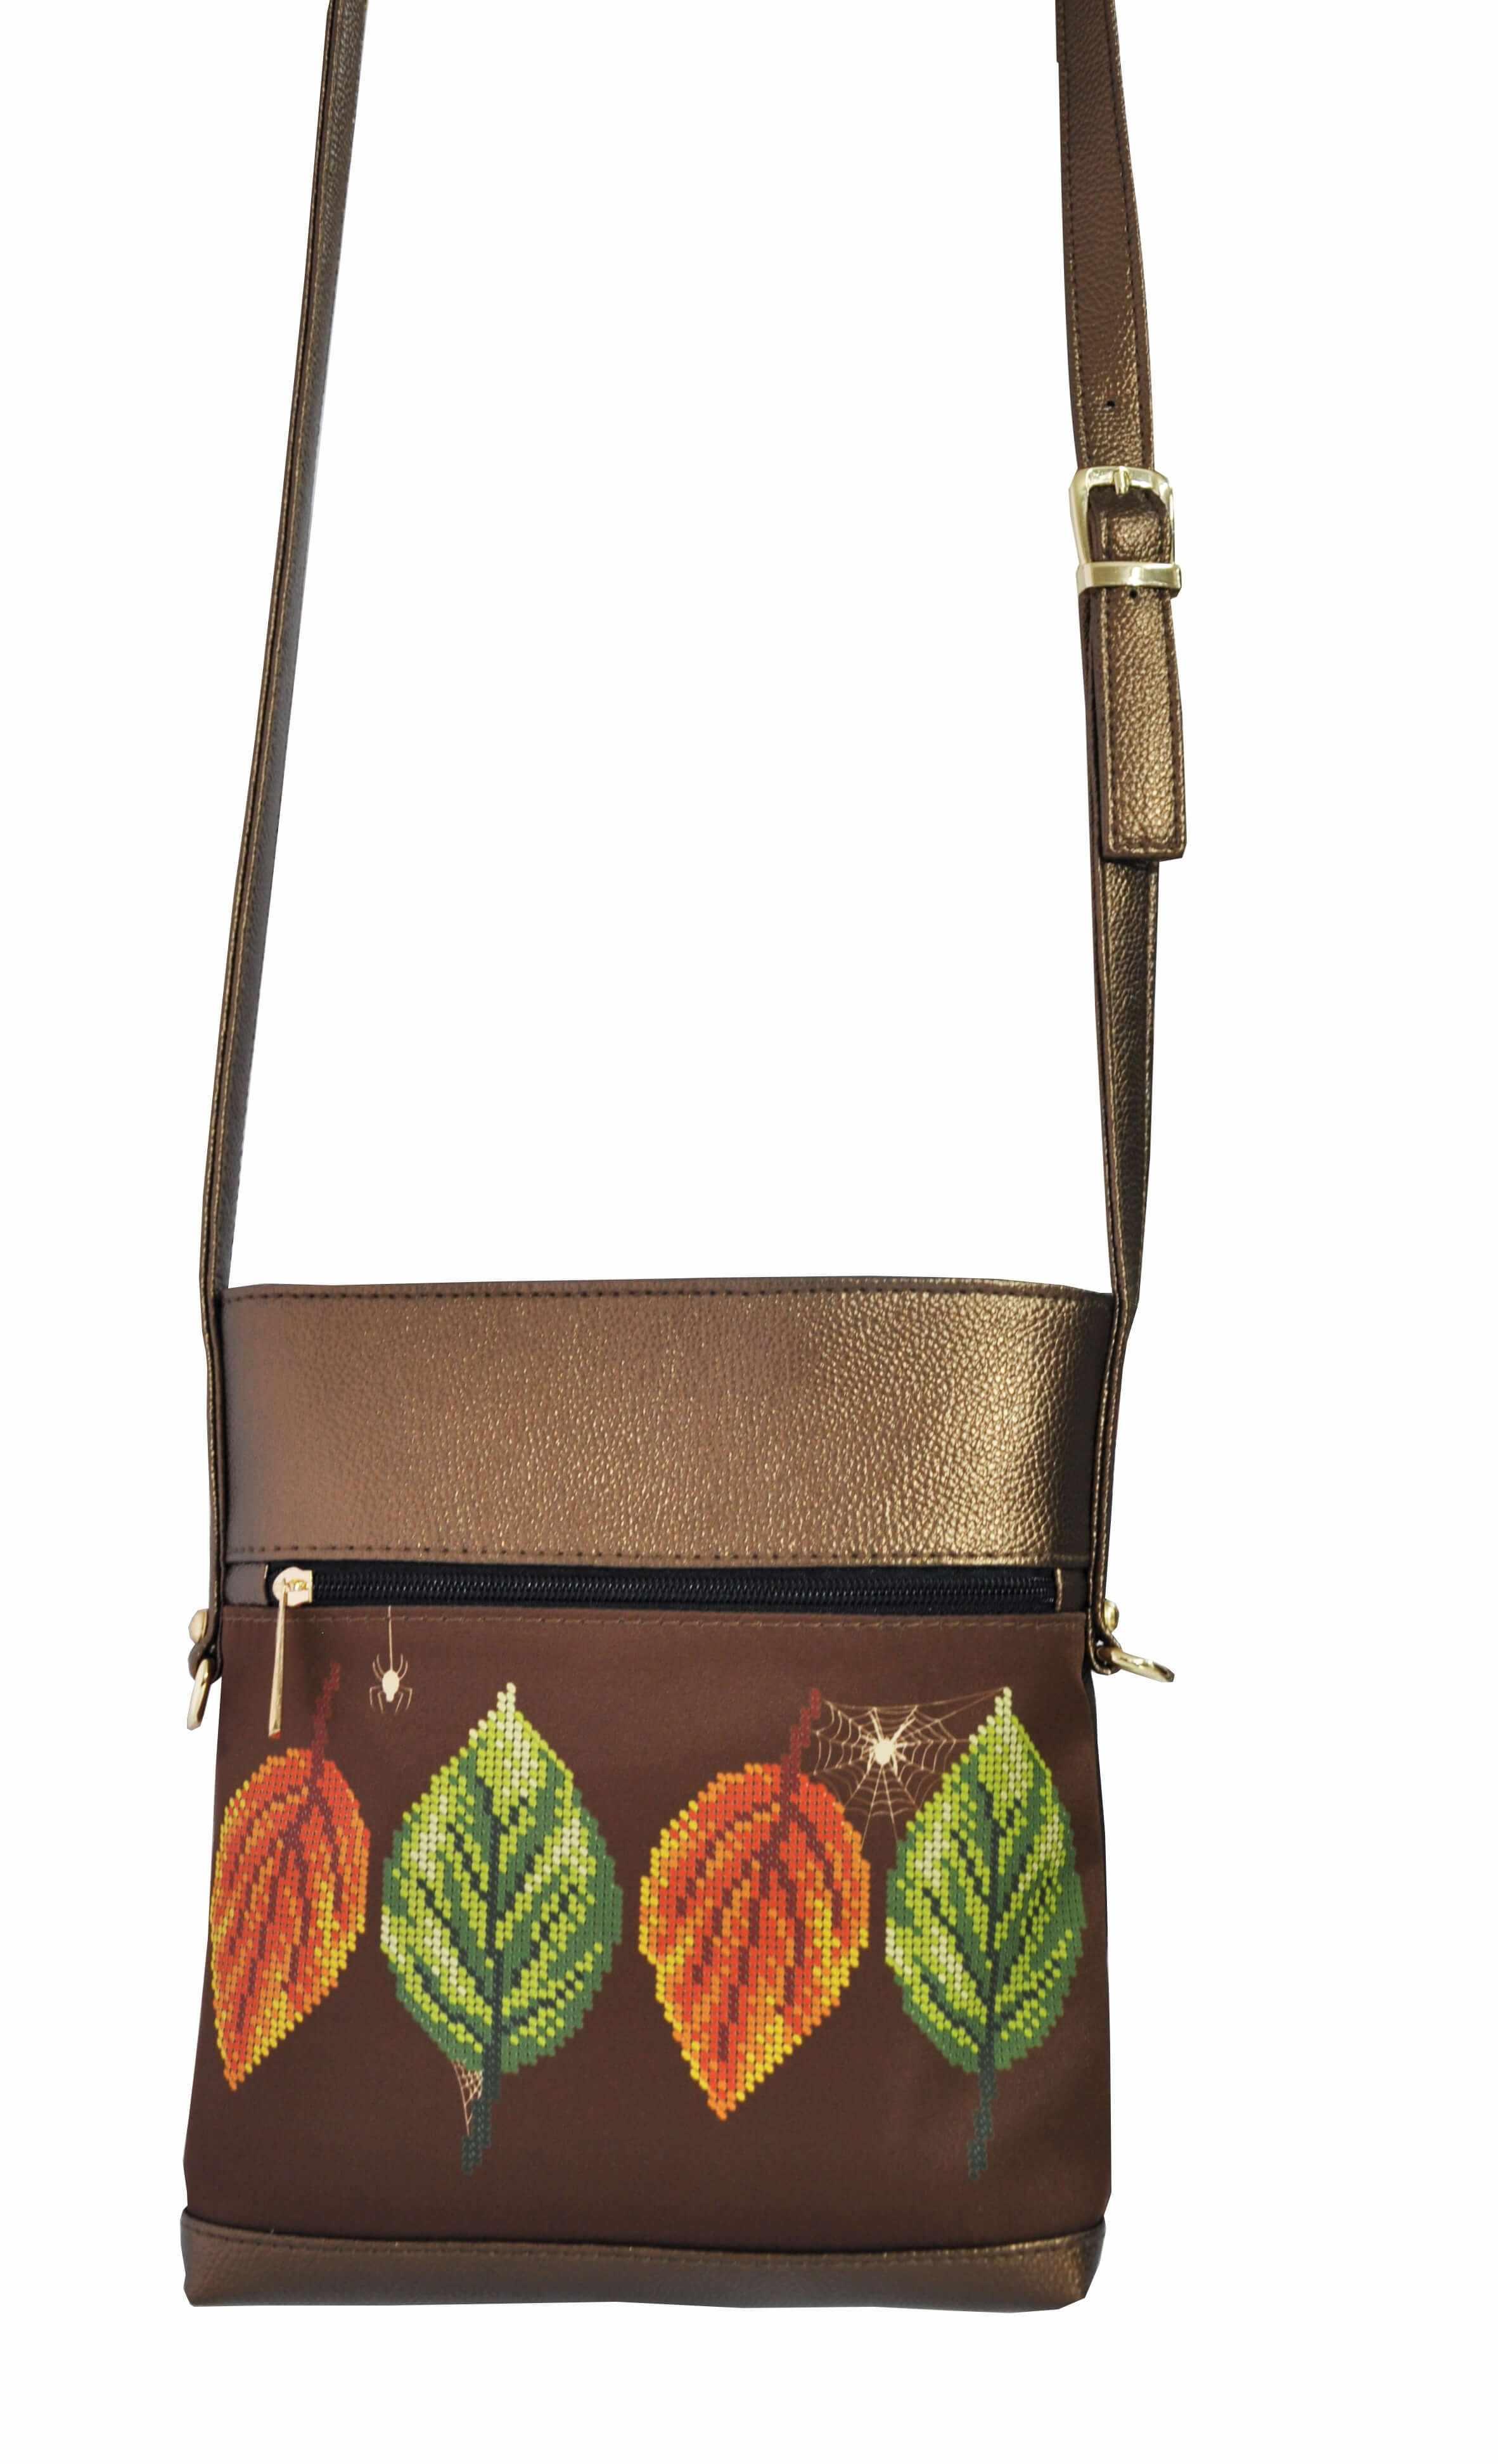 САБ_8001 Набор для вышивания на сумке. Темно-коричневое золото. Листья